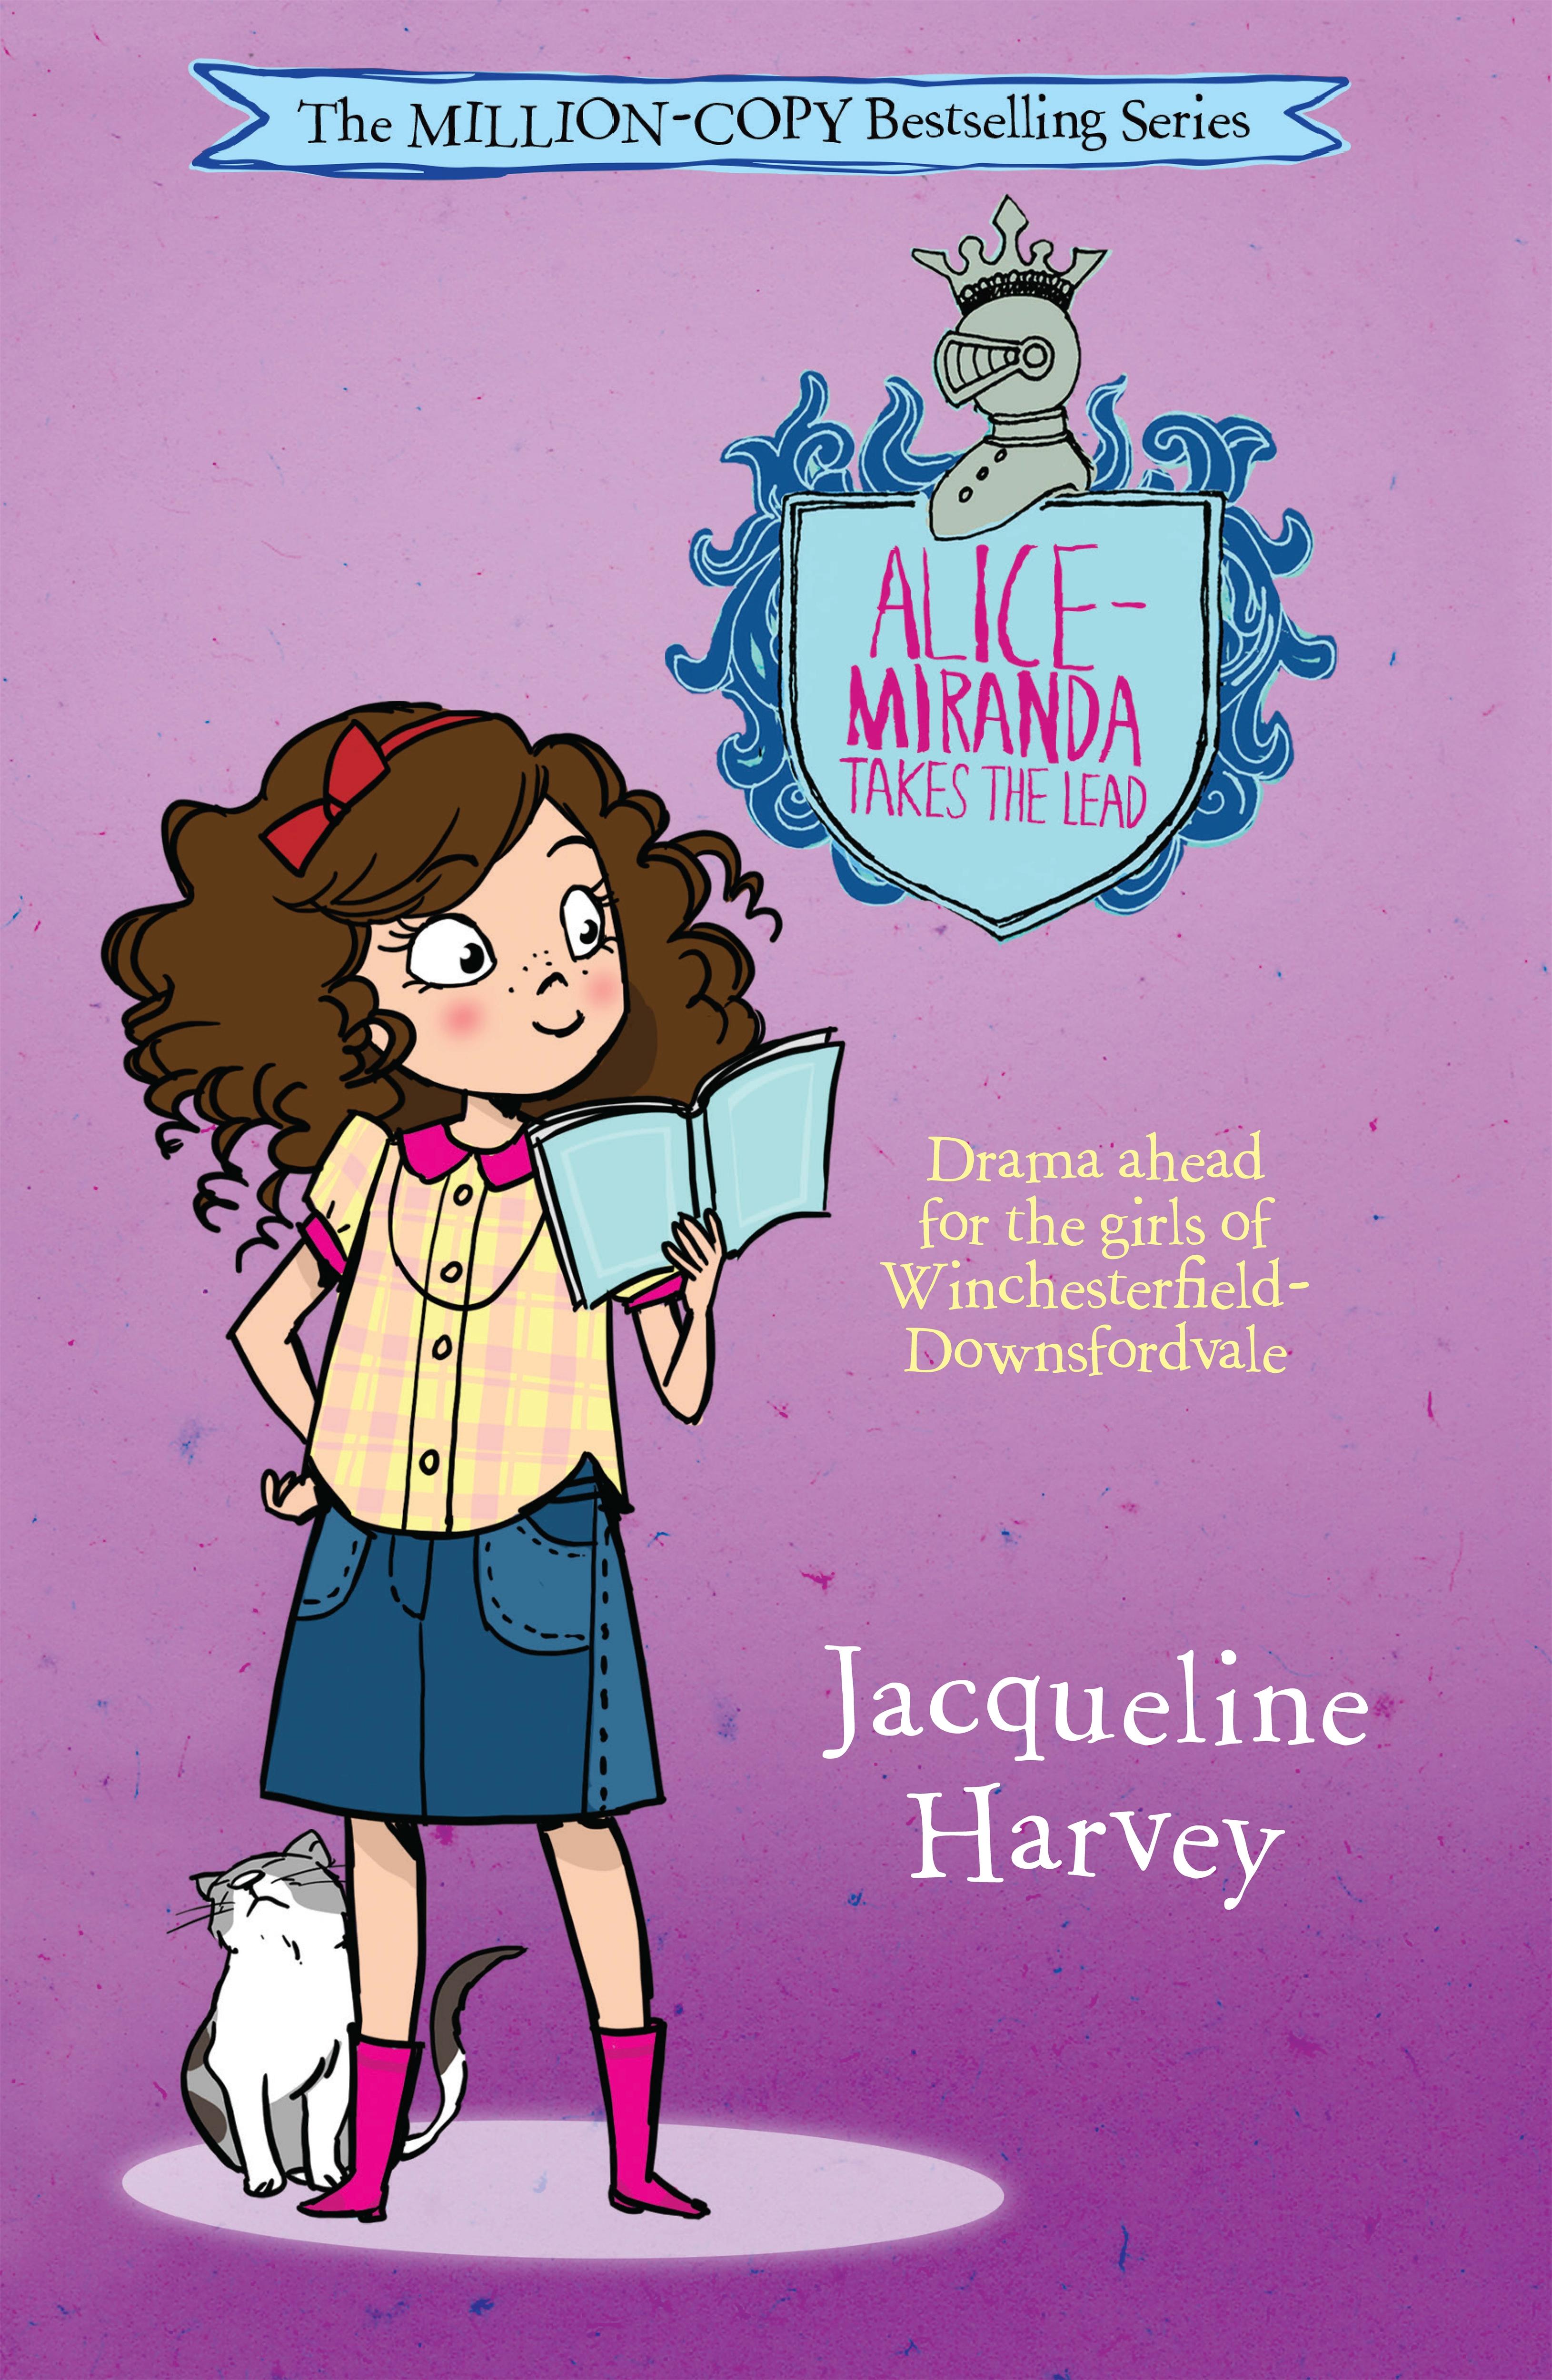 Alice-Miranda Takes The Lead